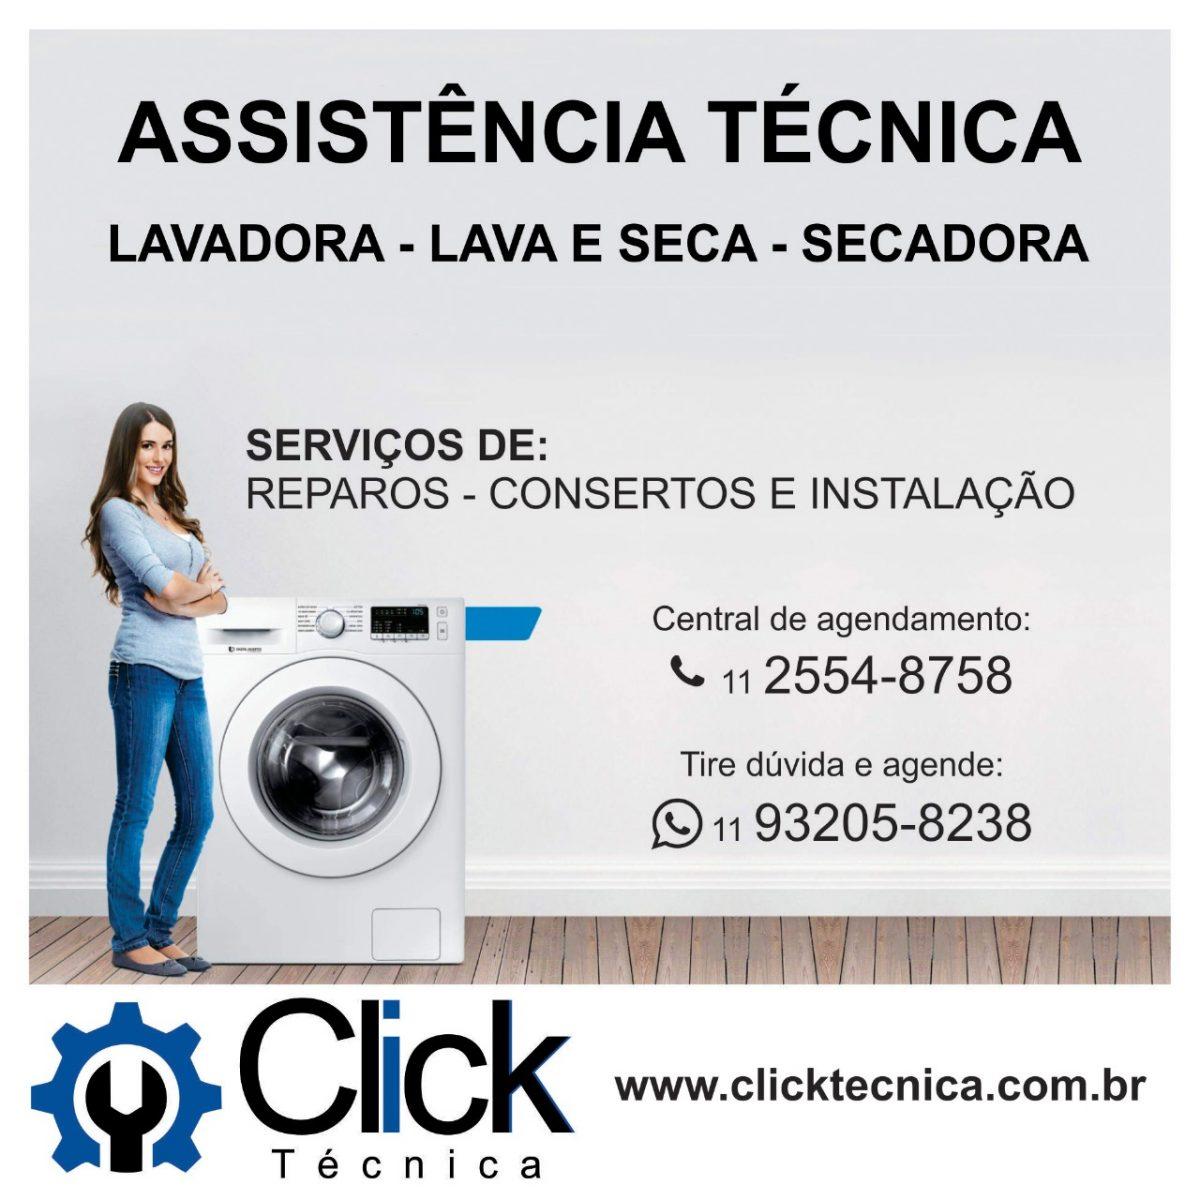 assistencia-lavadora-clicktecnica.com.br